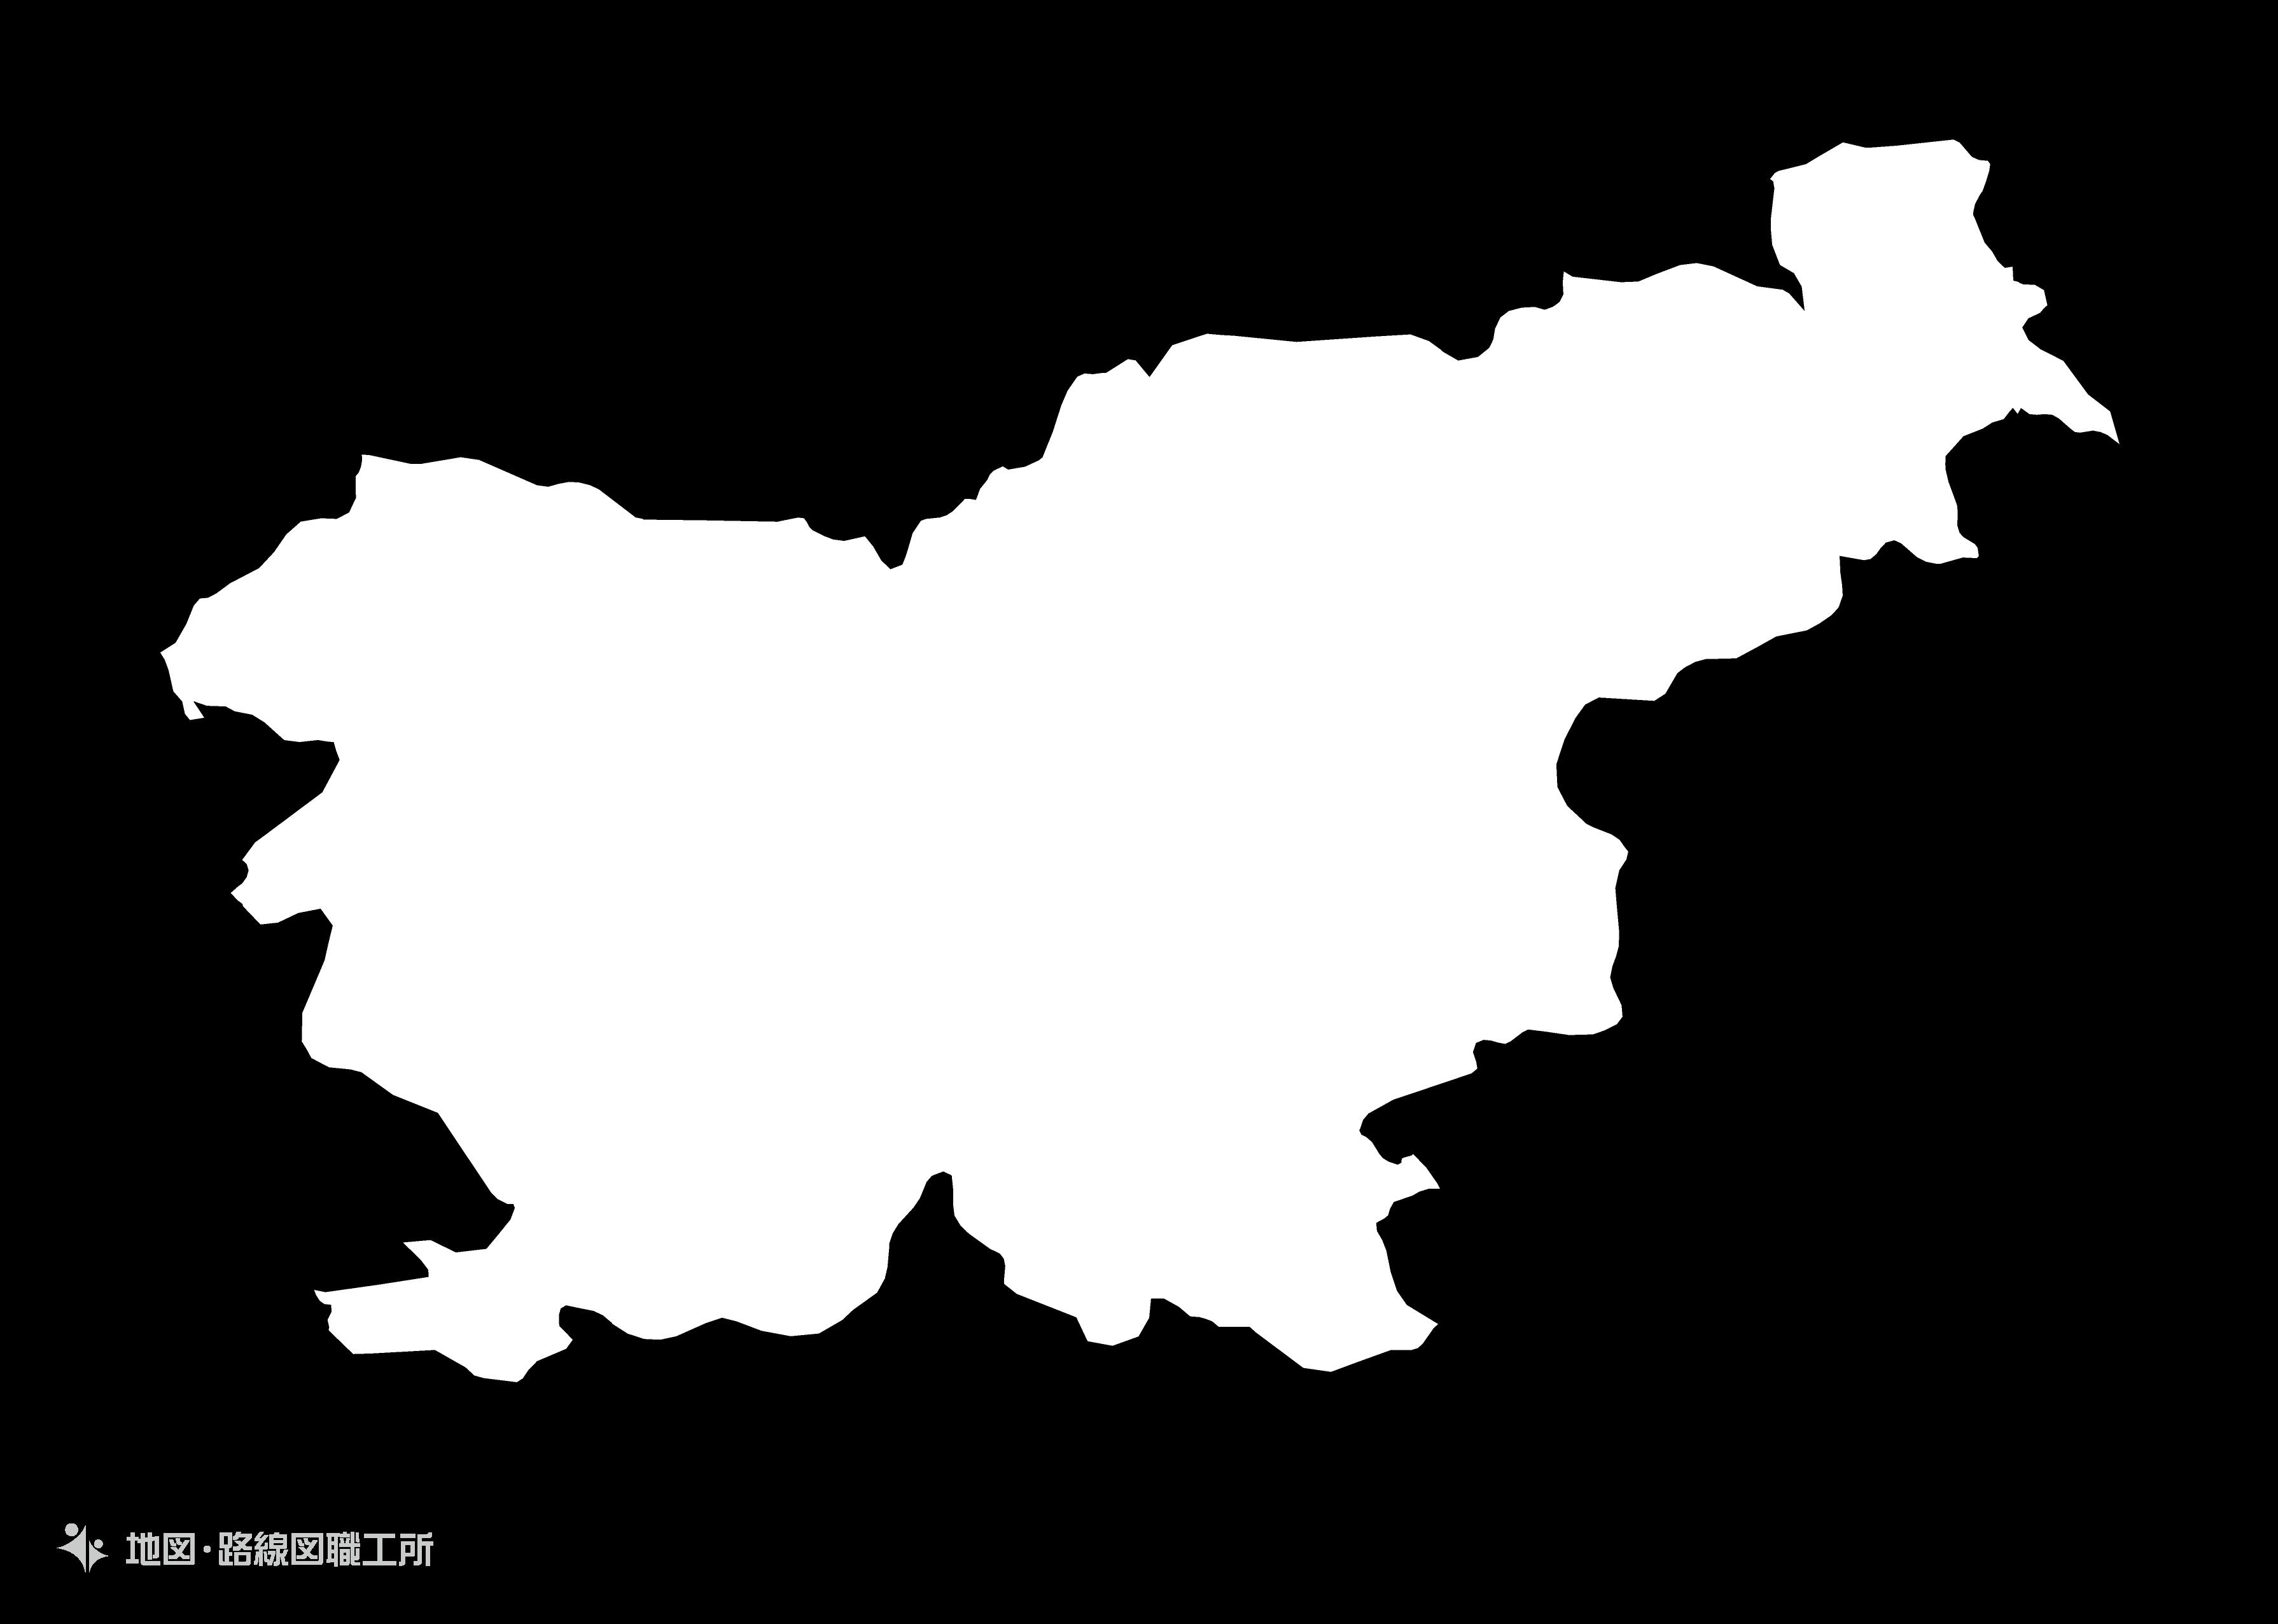 世界の白地図 スロベニア共和国 republic-of-slovenia map